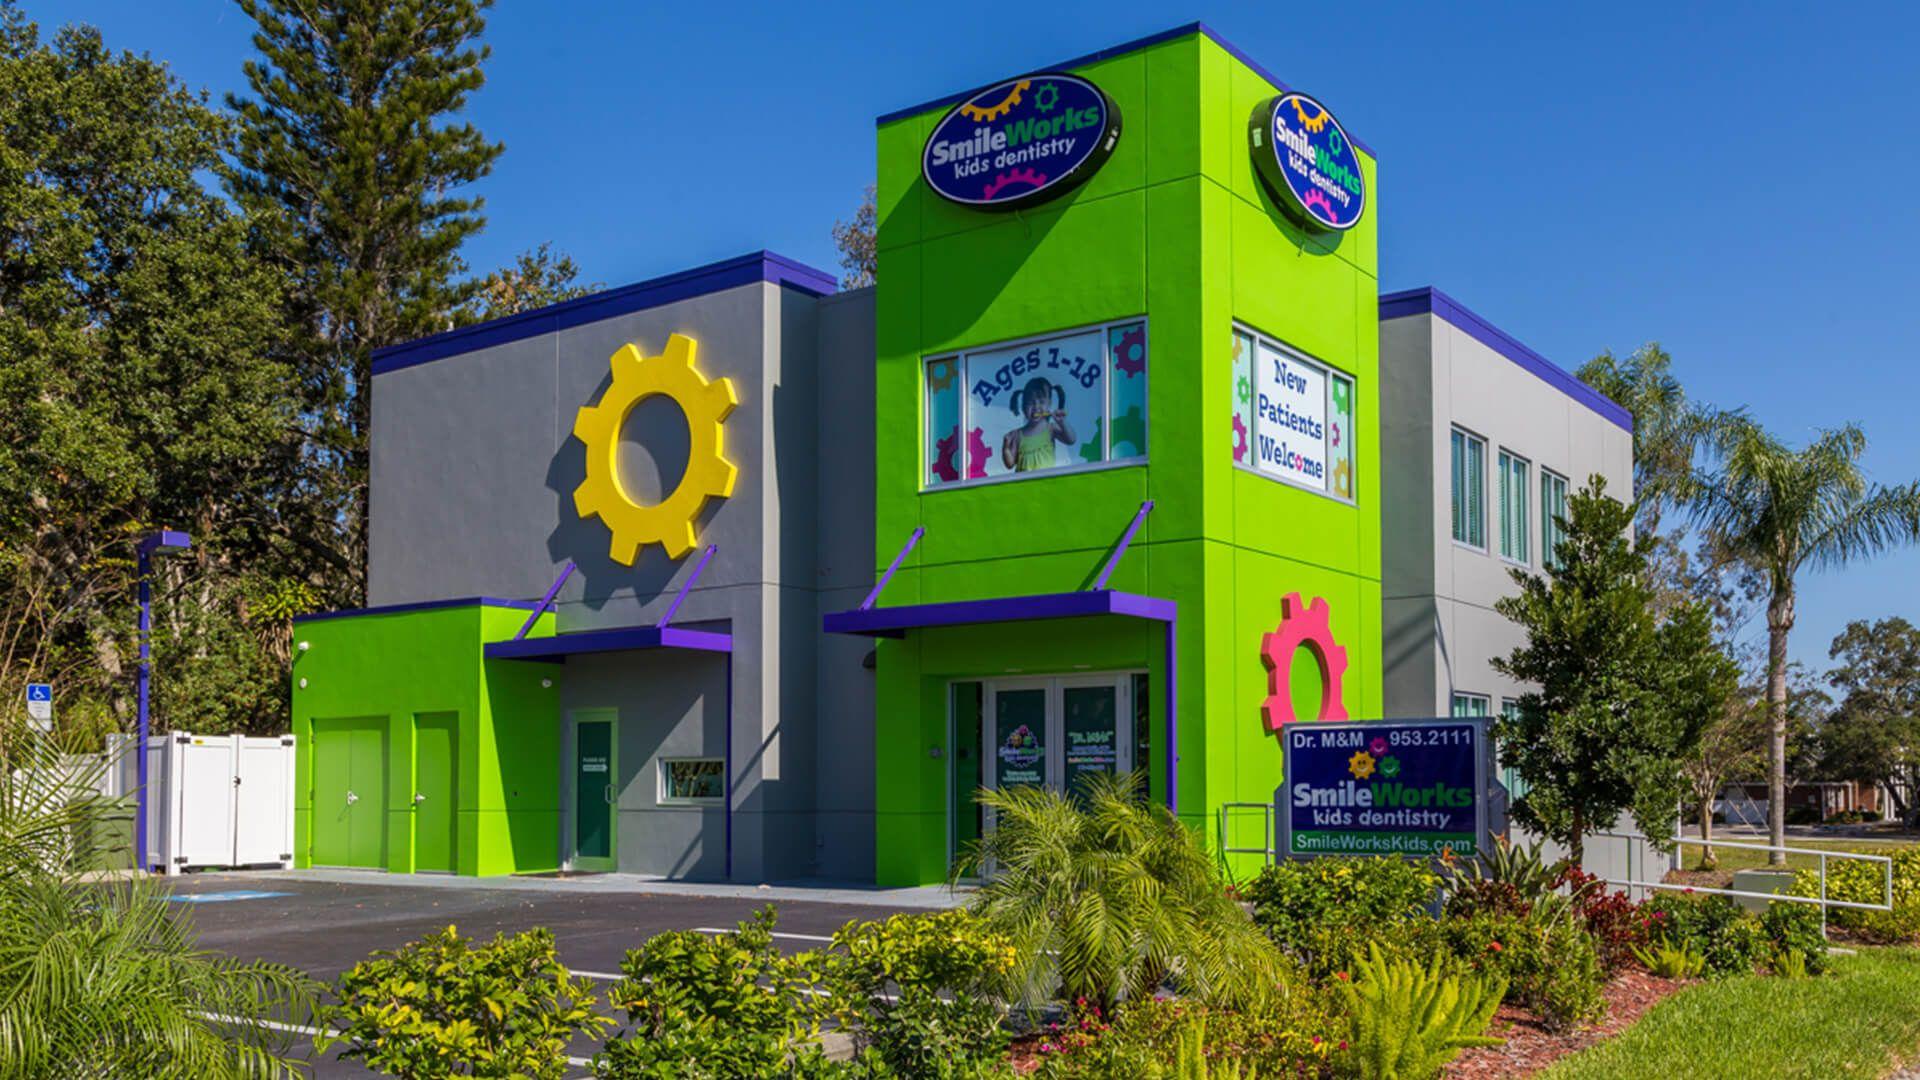 Front Office Of Smileworks Kids Dentistry In Sarasota Fl Daycare Design School Building Design Entrance Gates Design